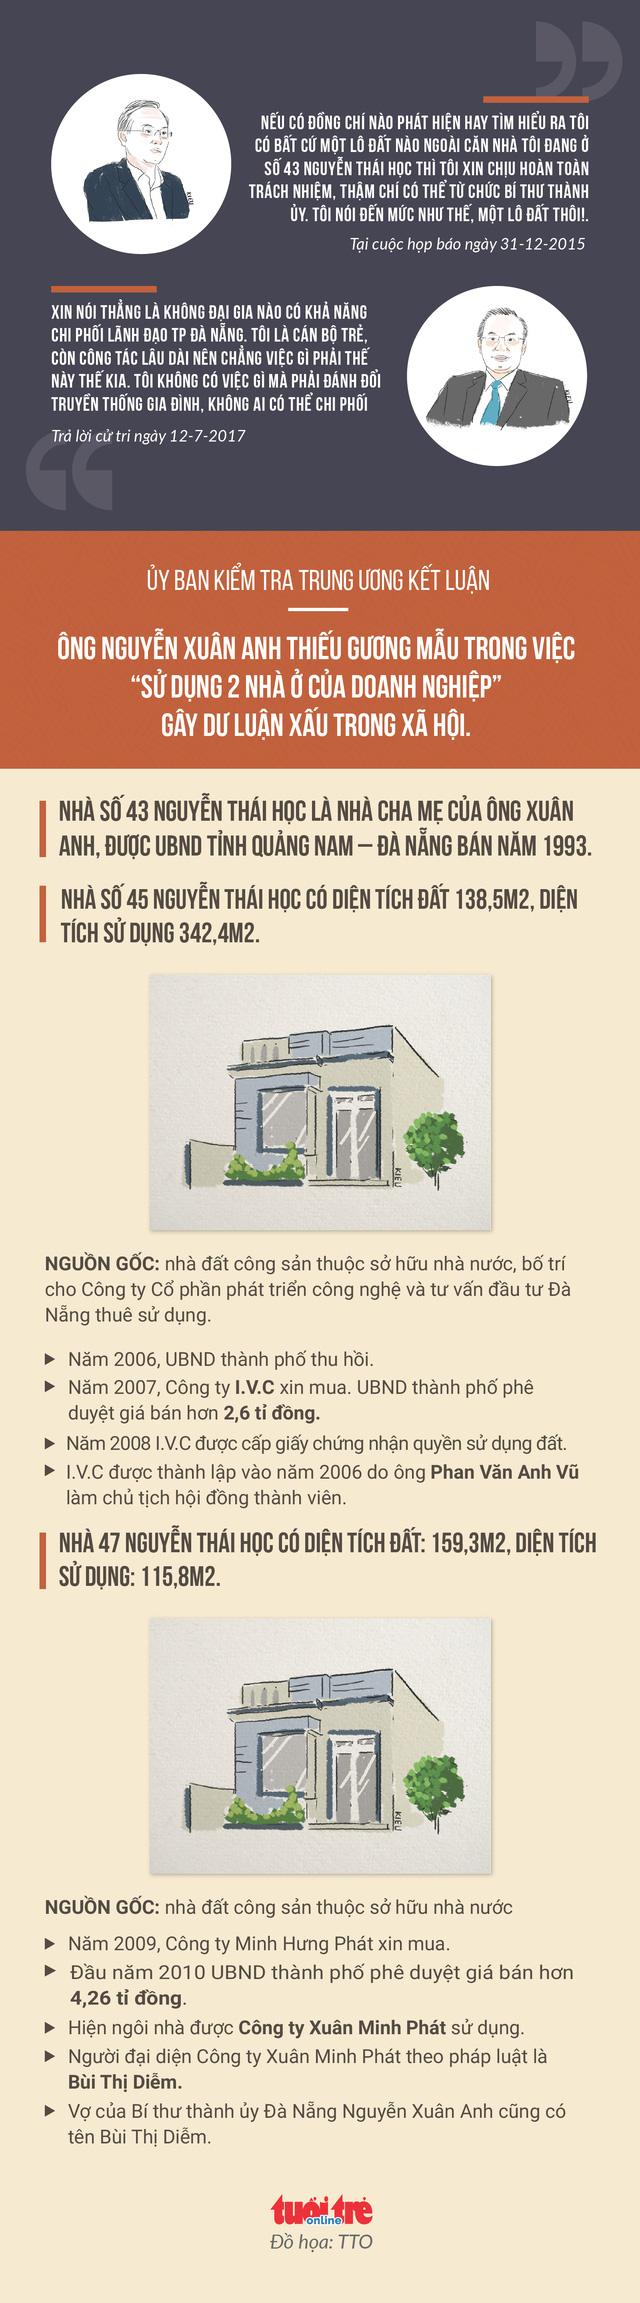 Nhà 43 của Bí thư Nguyễn Xuân Anh ôm nhà 45, 47 ra sao? - Ảnh 1.